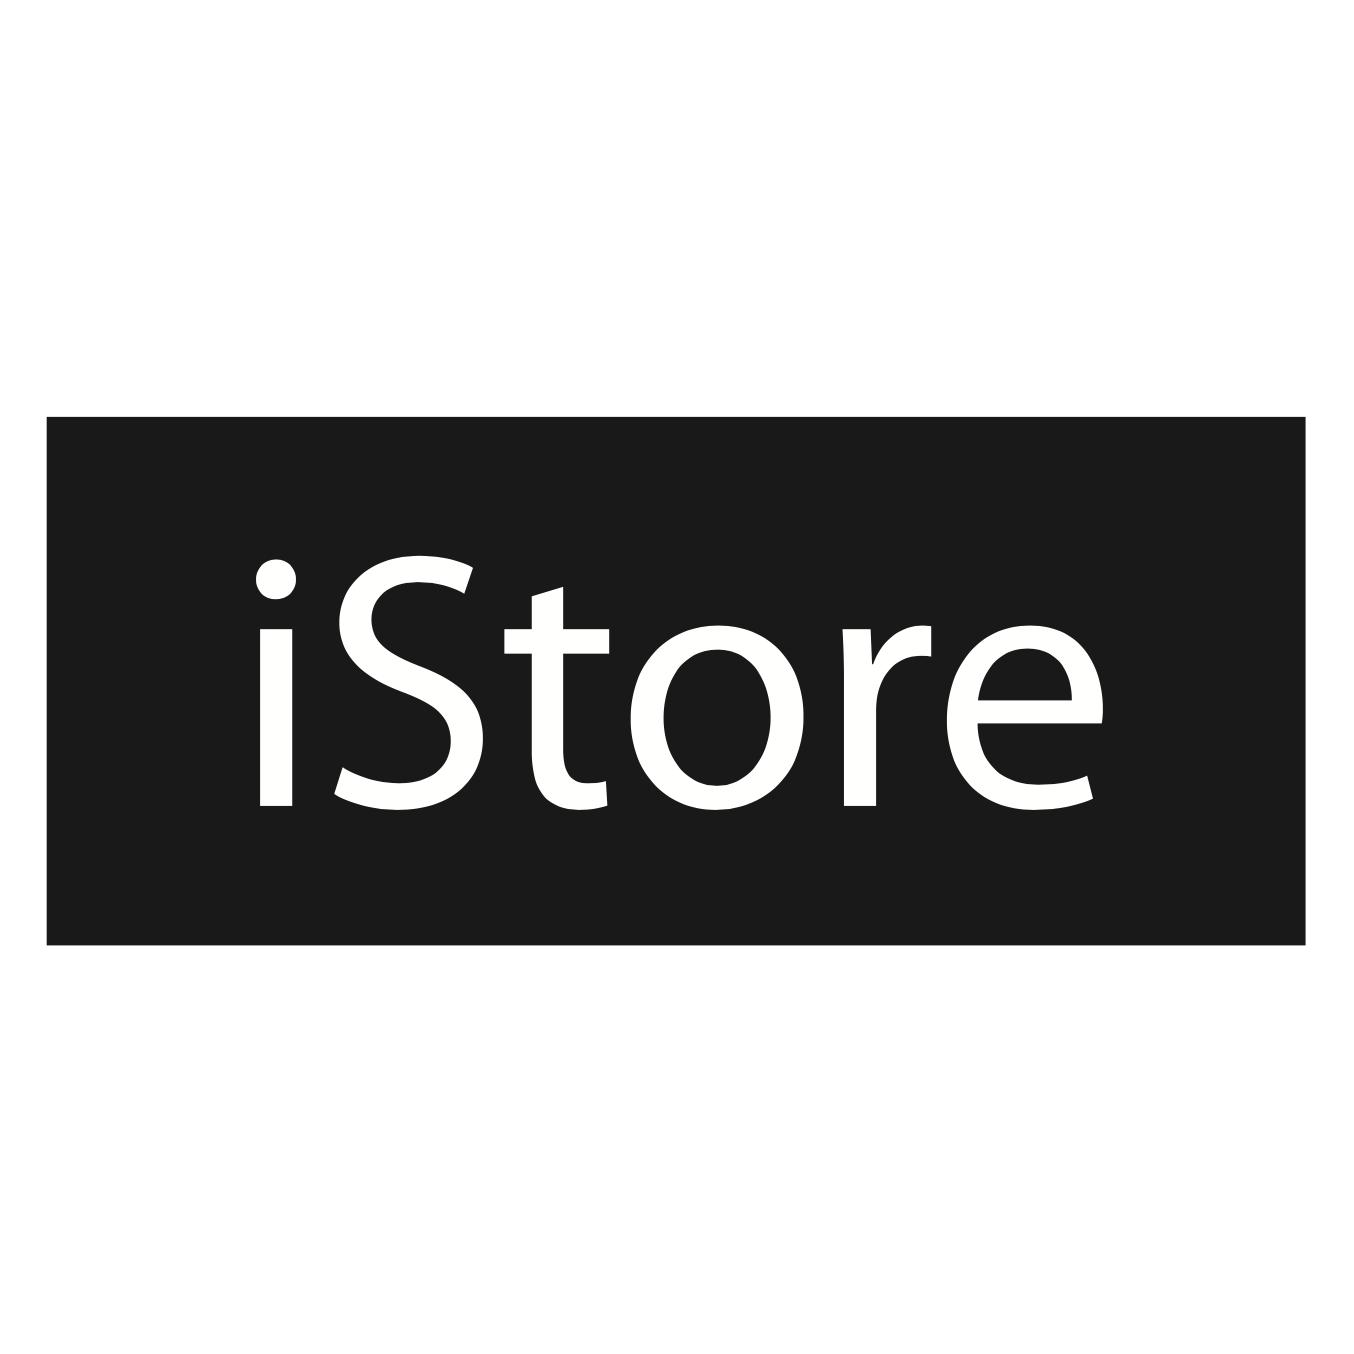 Presidio iPhone 7 Plus - Black